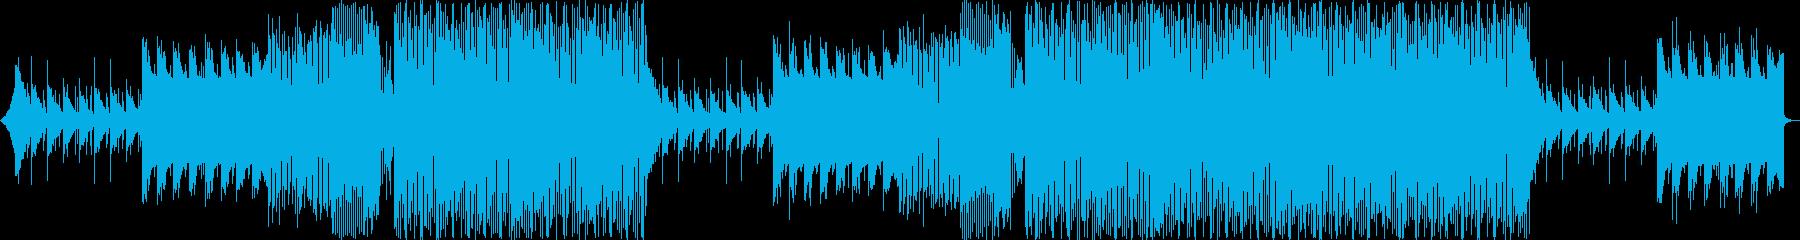 ドロップの可愛いパーカッション抜きの再生済みの波形